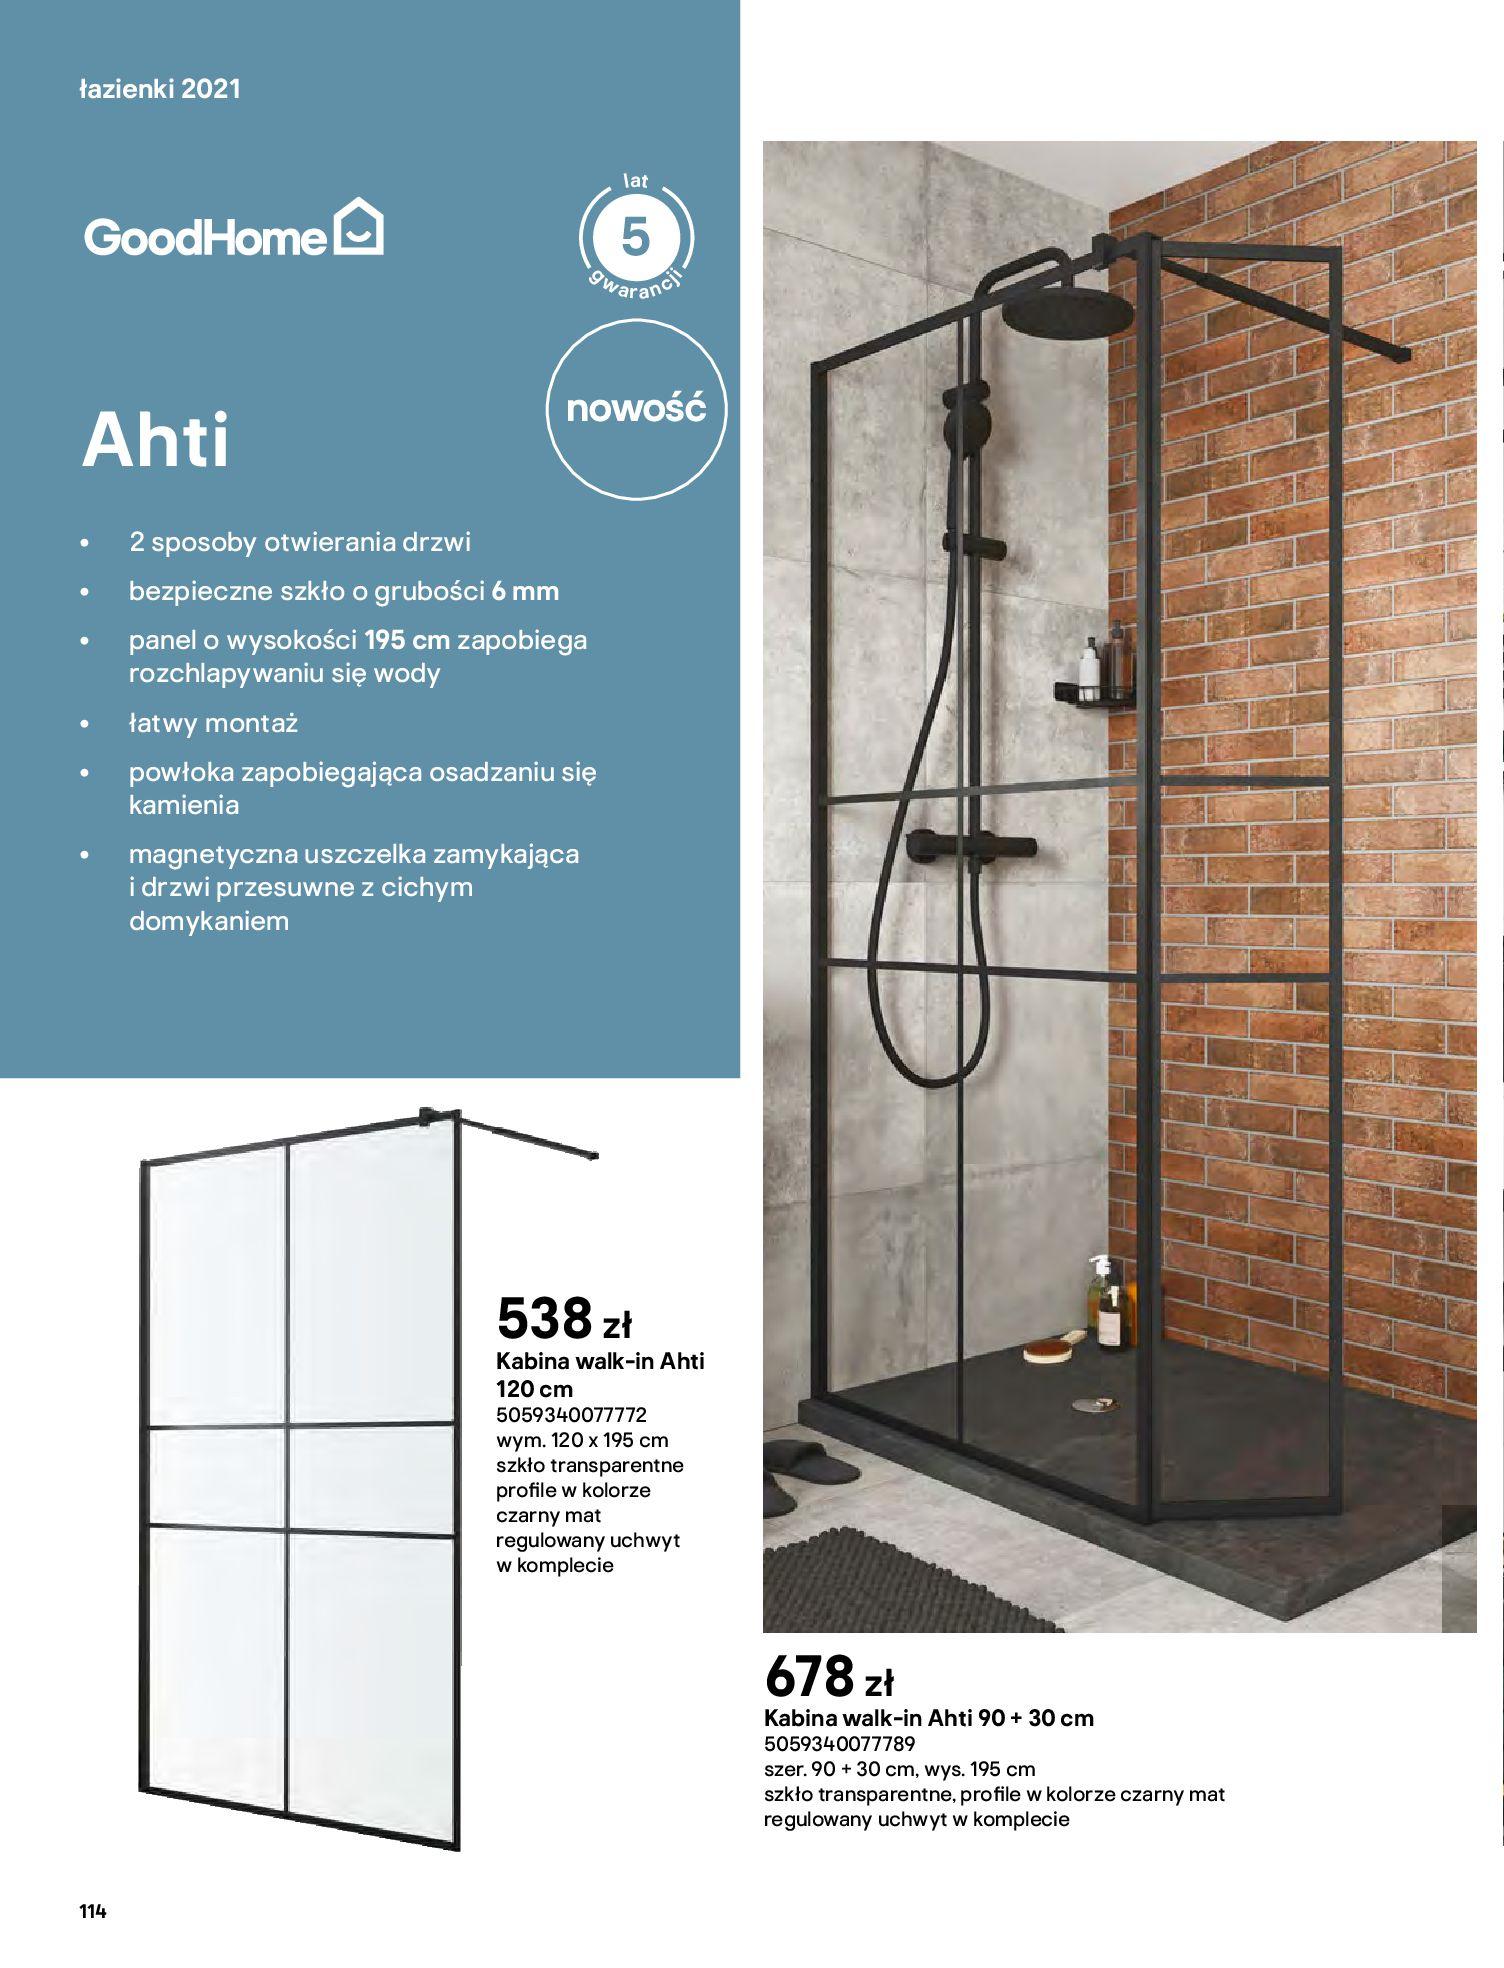 Gazetka Castorama: Gazetka Castorama - katalog łazienki 2021 2021-06-16 page-114